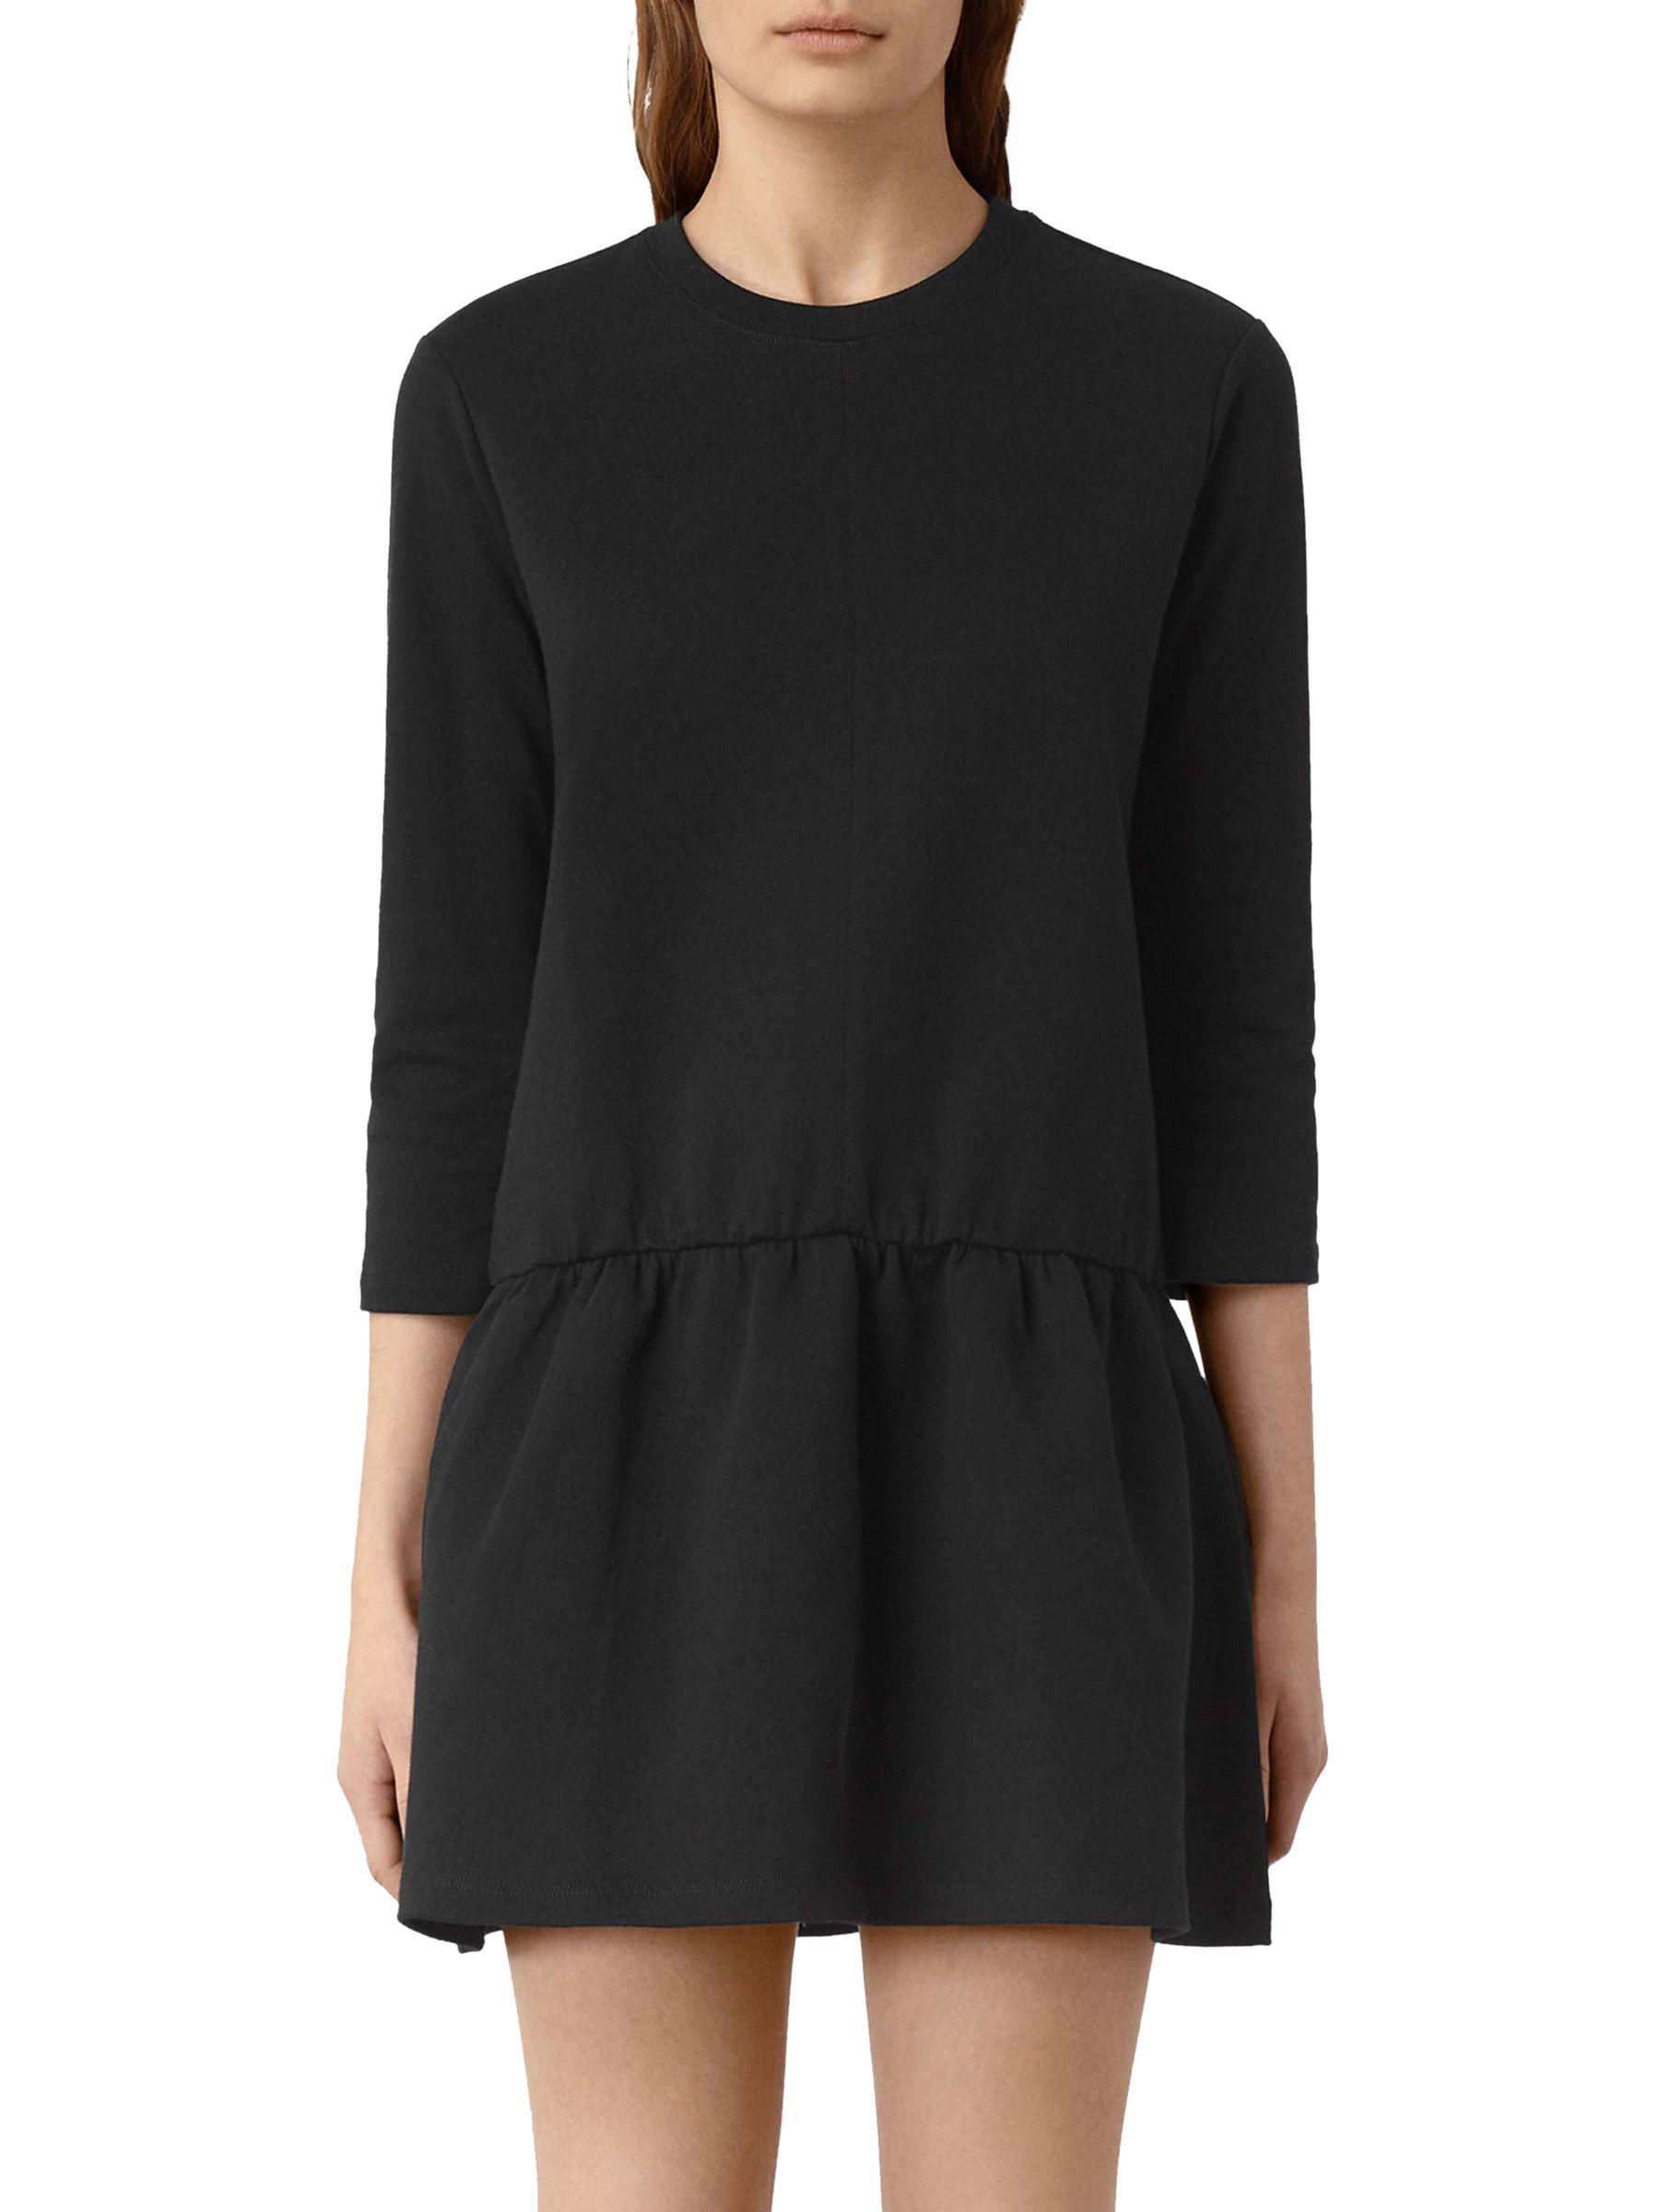 AllSaints AllSaints Niki Dress, Black